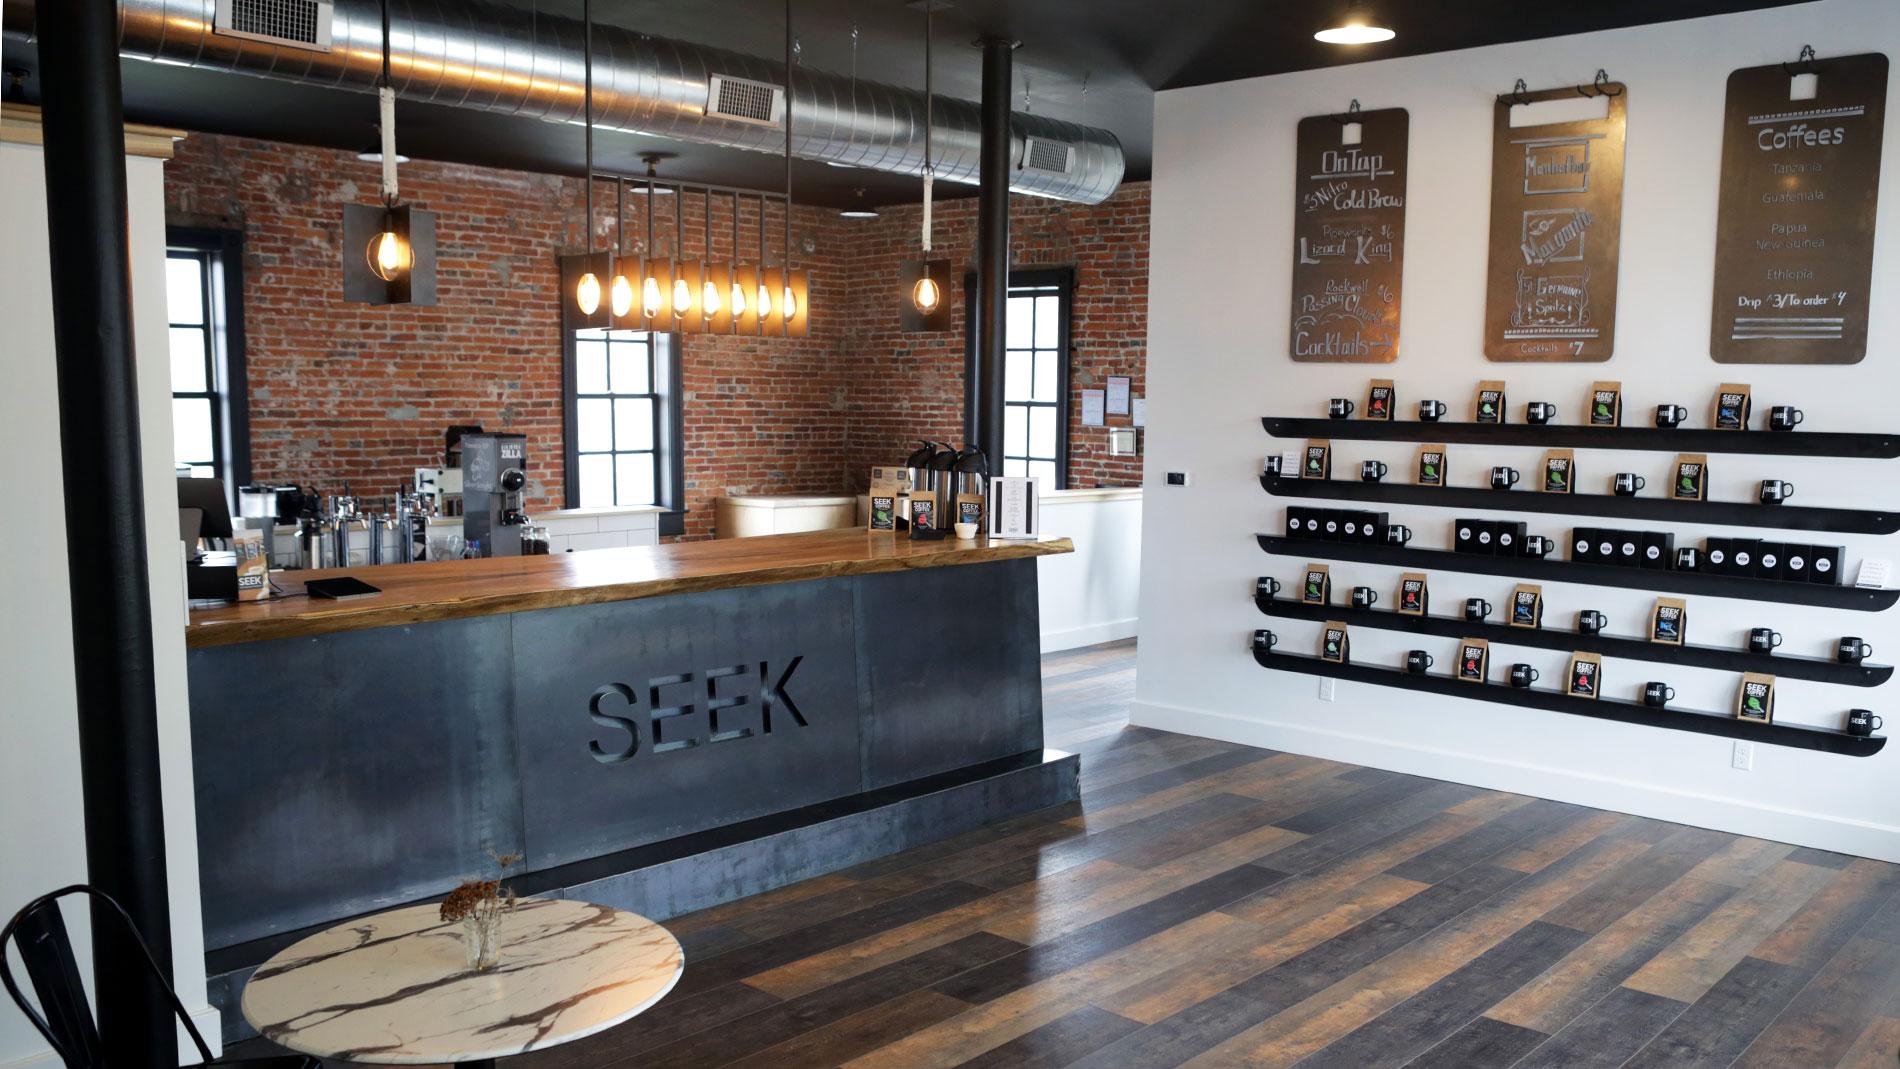 seek coffee company in st. louis